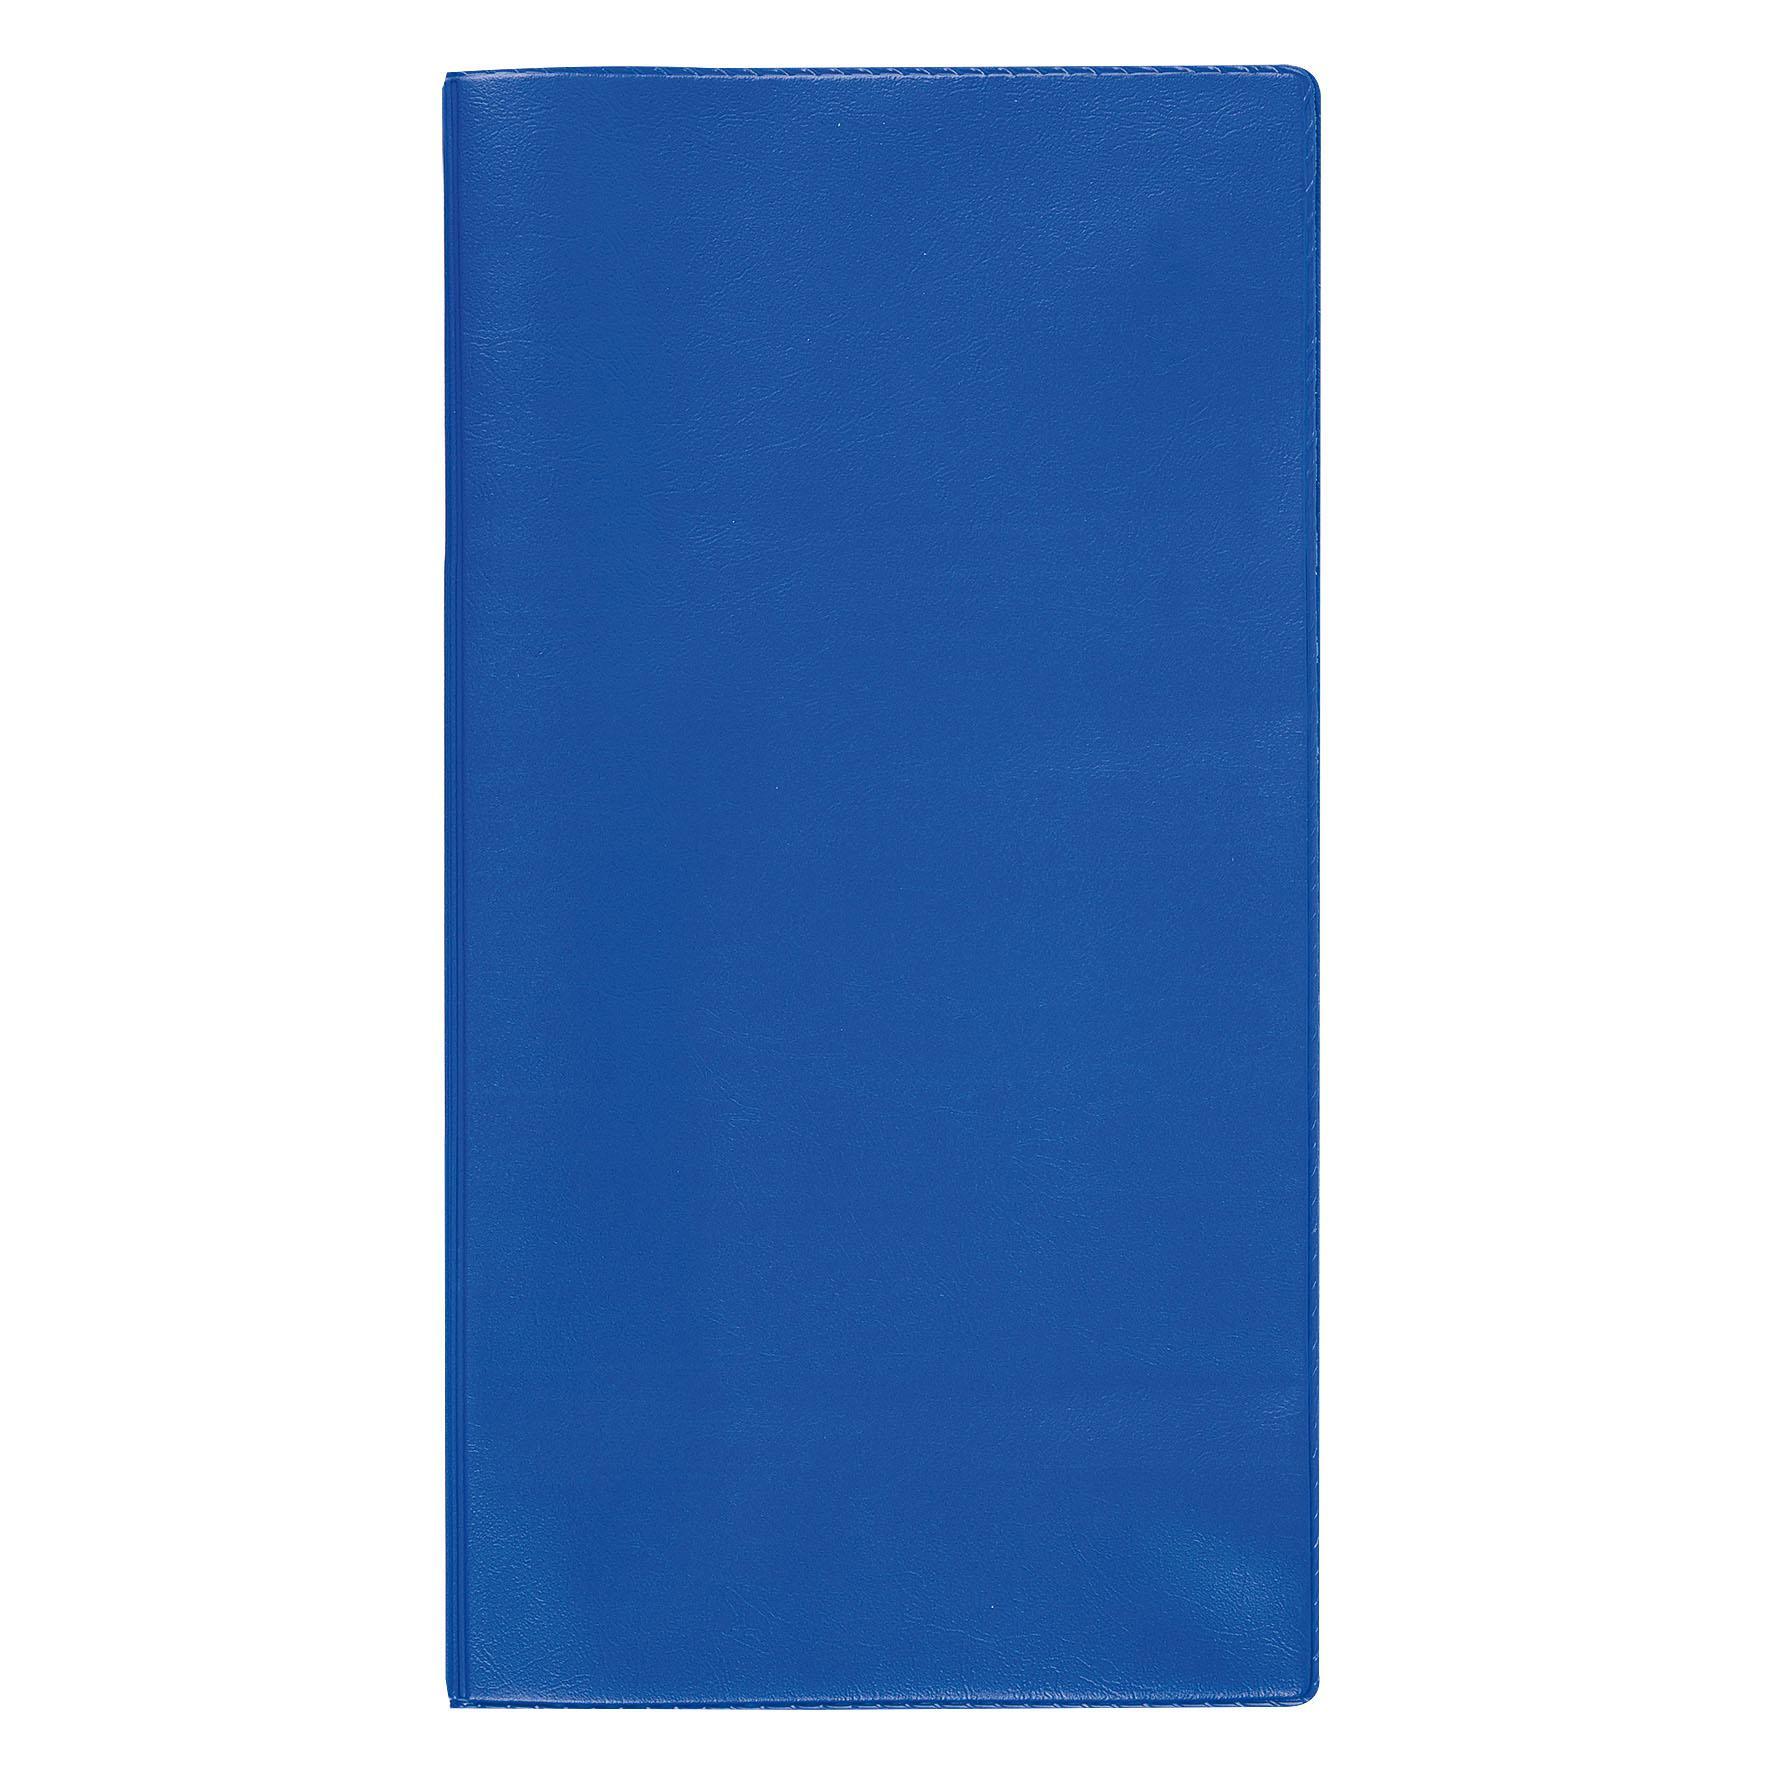 Cadeau promotionnel - Pochette de voyage publicitaire Verticale - bleu